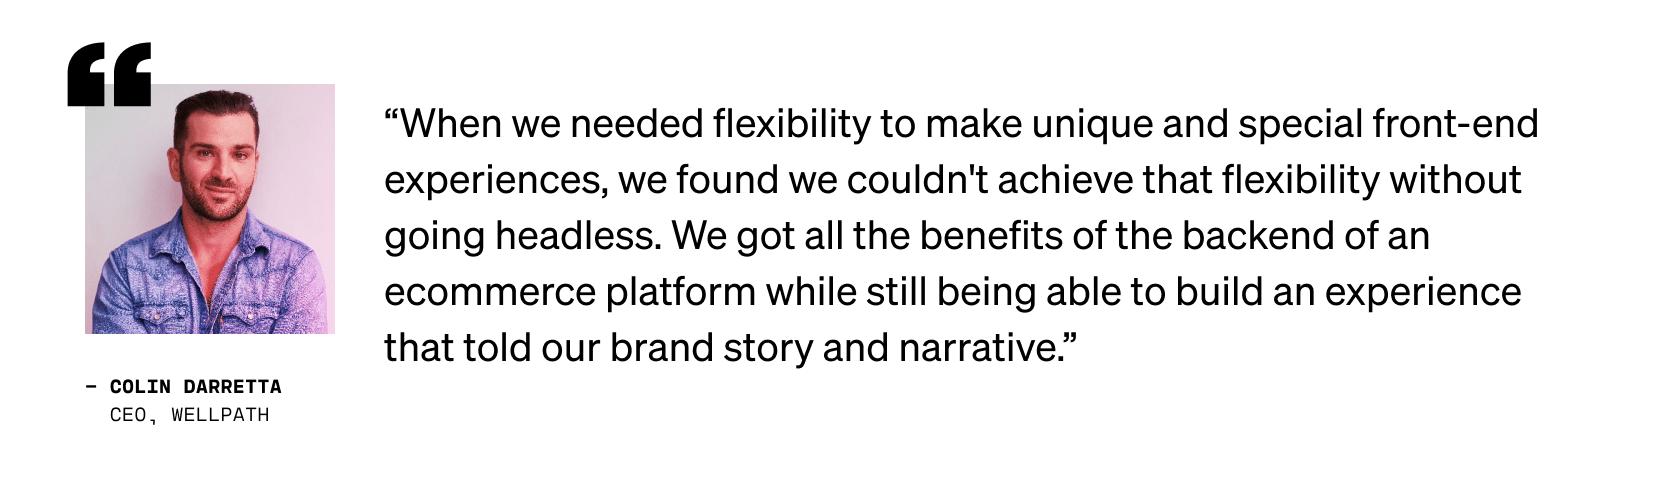 Quote from Colin Darretta, CEO, Wellpath